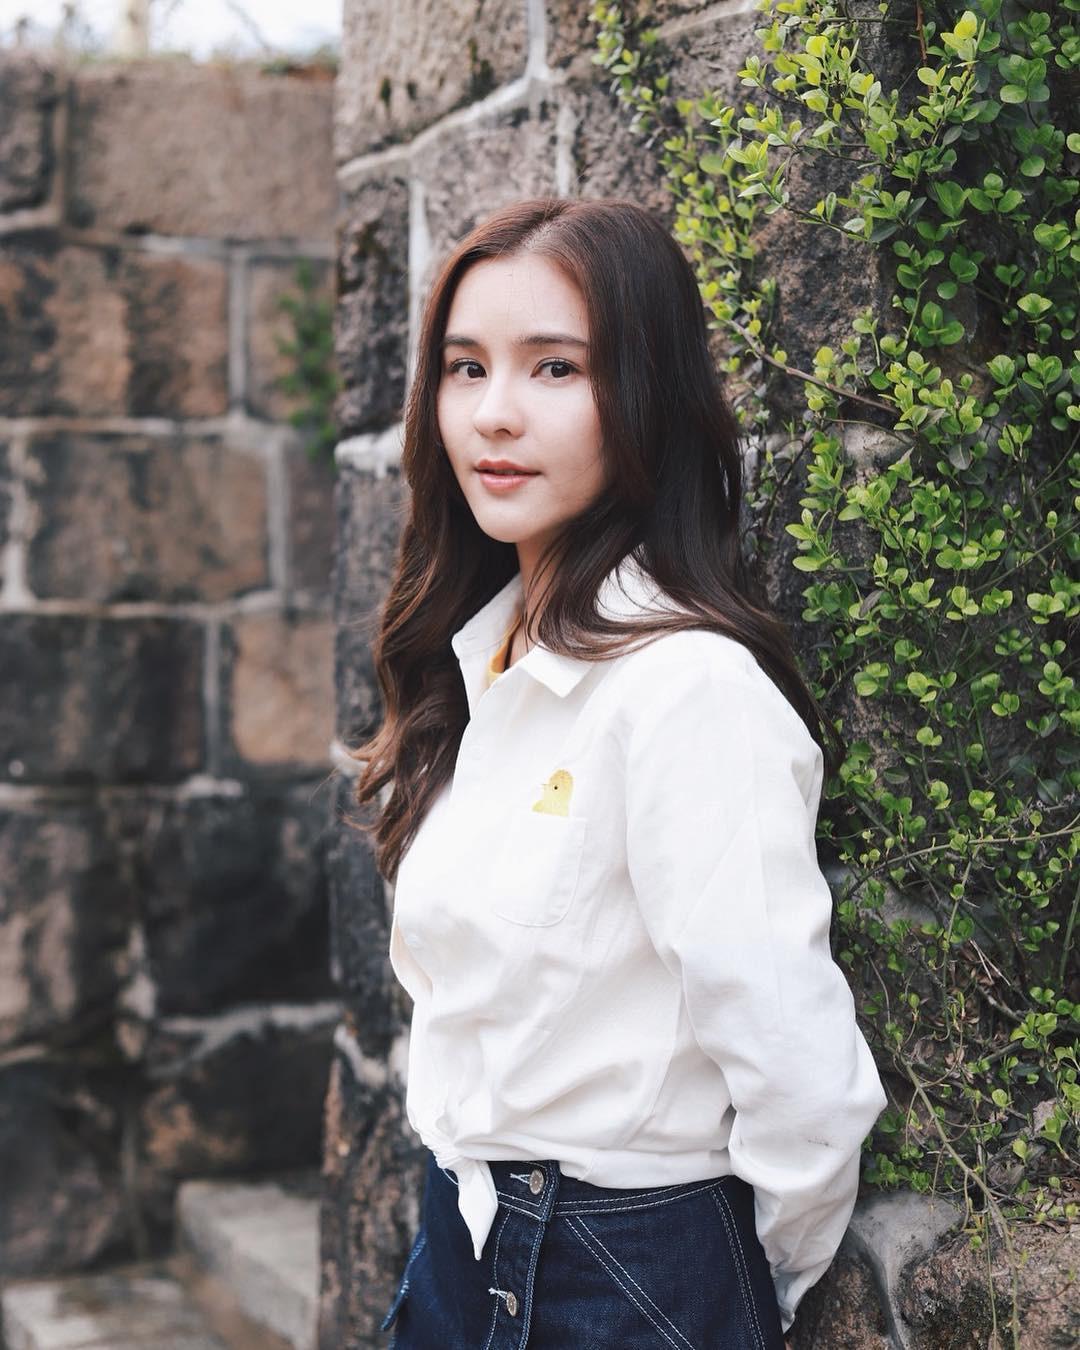 Top mỹ nhân con nhà người ta của Thái Lan: Đã đẹp lại còn là Thủ khoa, Á khoa của loạt trường Đại học danh tiếng - Hình 11